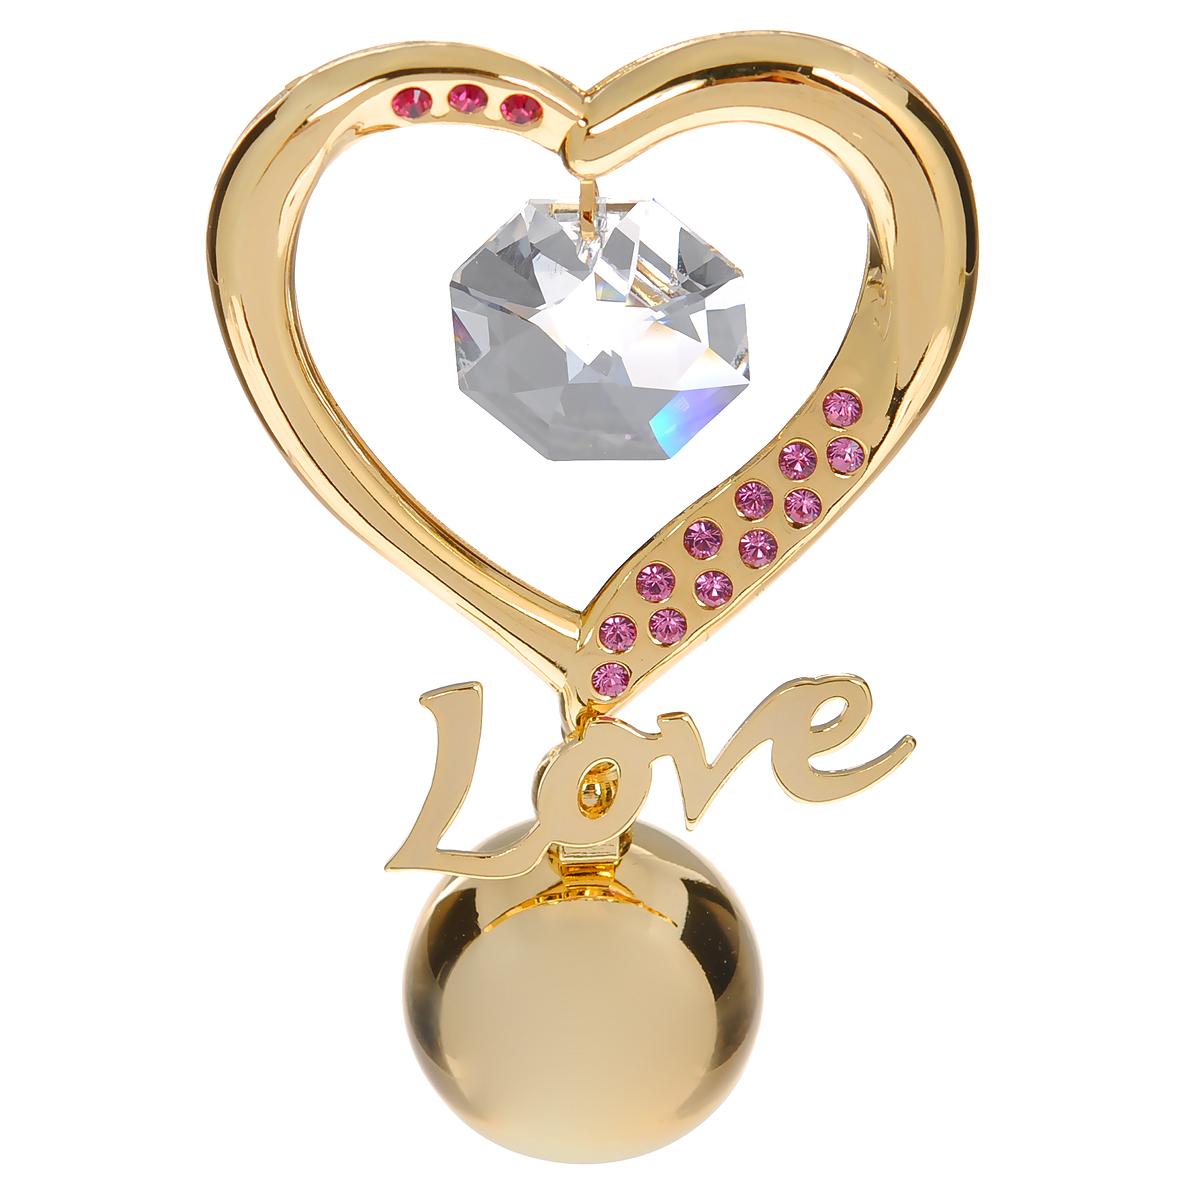 Фигурка декоративная Сердце, цвет: золотистый, розовый. 6719167191Притягательный блеск и невероятная утонченность декоративной фигурки Сердце великолепно дополнят интерьер и, несомненно, не останутся без внимания. Фигурка выполнена из металла с блестящим золотистым покрытием в виде сердечка на шаровидной подставке, украшена надписью Love и стразами и кристаллом Swarovski. Декоративная фигурка Сердце послужит прекрасным подарком ценителю изысканных и элегантных вещиц. Характеристики:Материал: металл, кристаллы Swarovski. Размер фигурки: 4 см х 0,5 см х 7,5 см. Цвет: золотистый, розовый. Артикул: 67191.